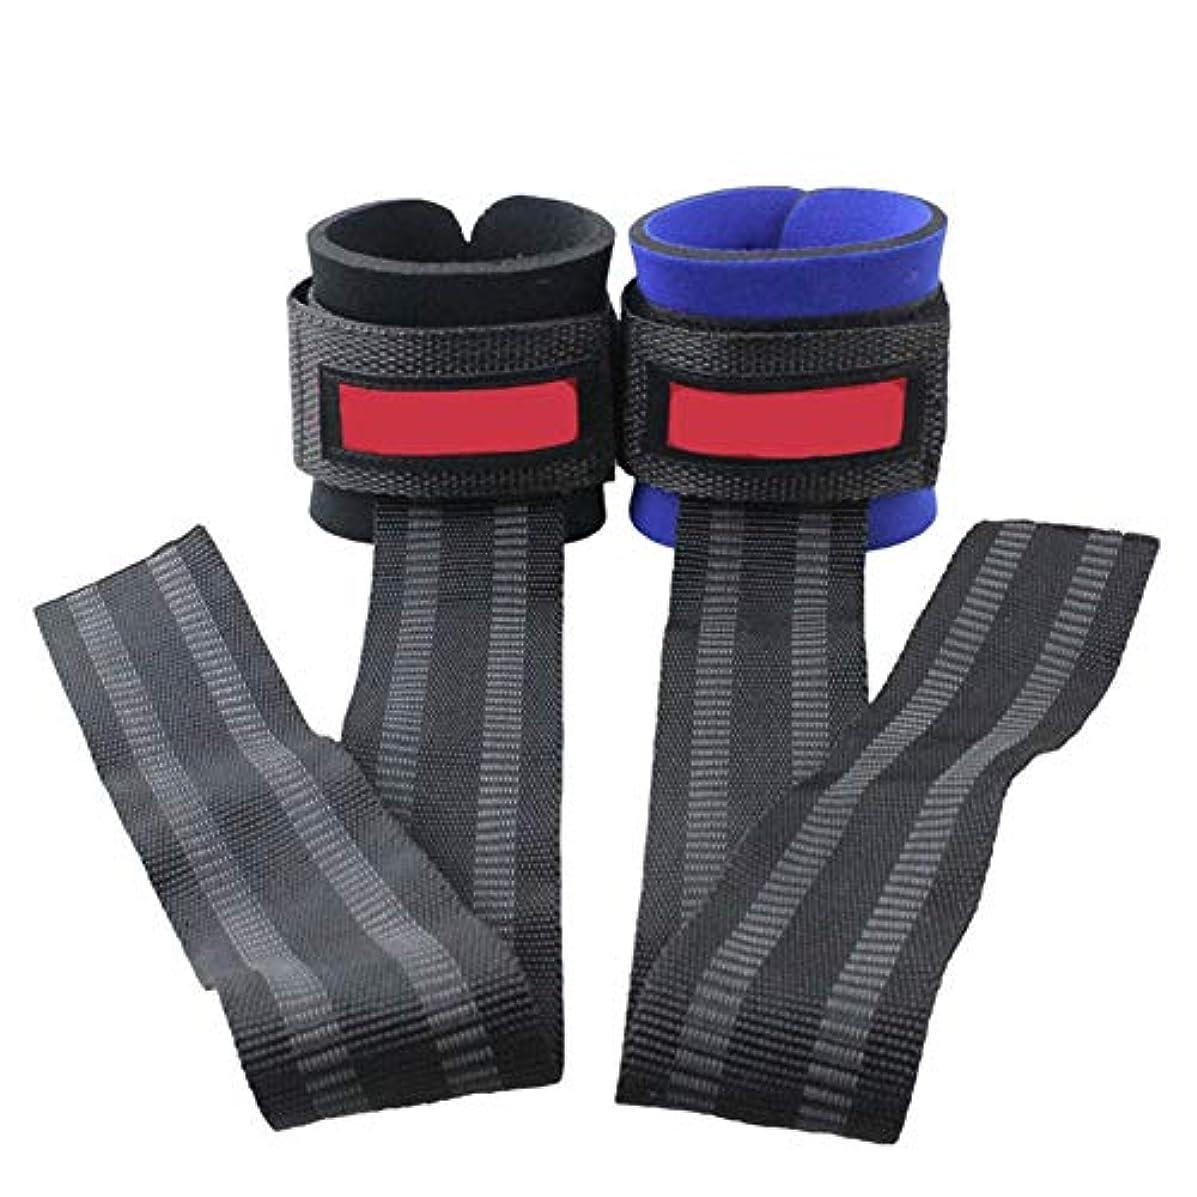 動的スパーク皮肉な2ピース/ロットジムスポーツリストバンドフィットネスダンベルトレーニングリストサポートストラップラップハンドパワーバンド付き水平バー